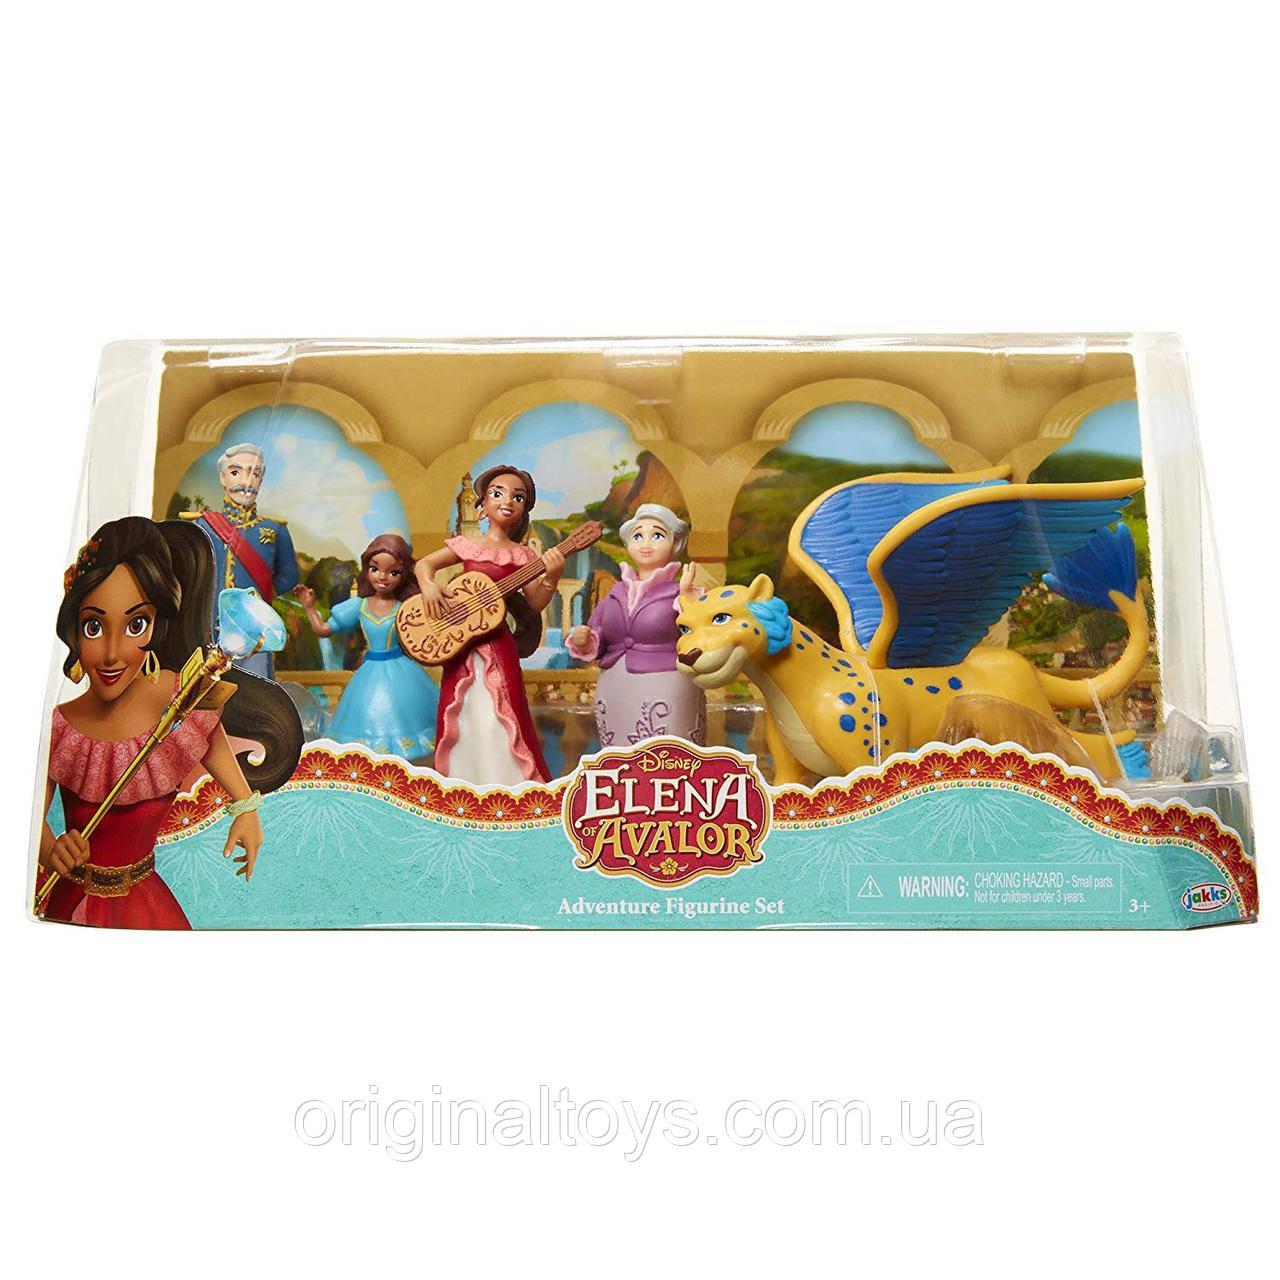 Игровой набор с фигурками Елена из Авалора Disney